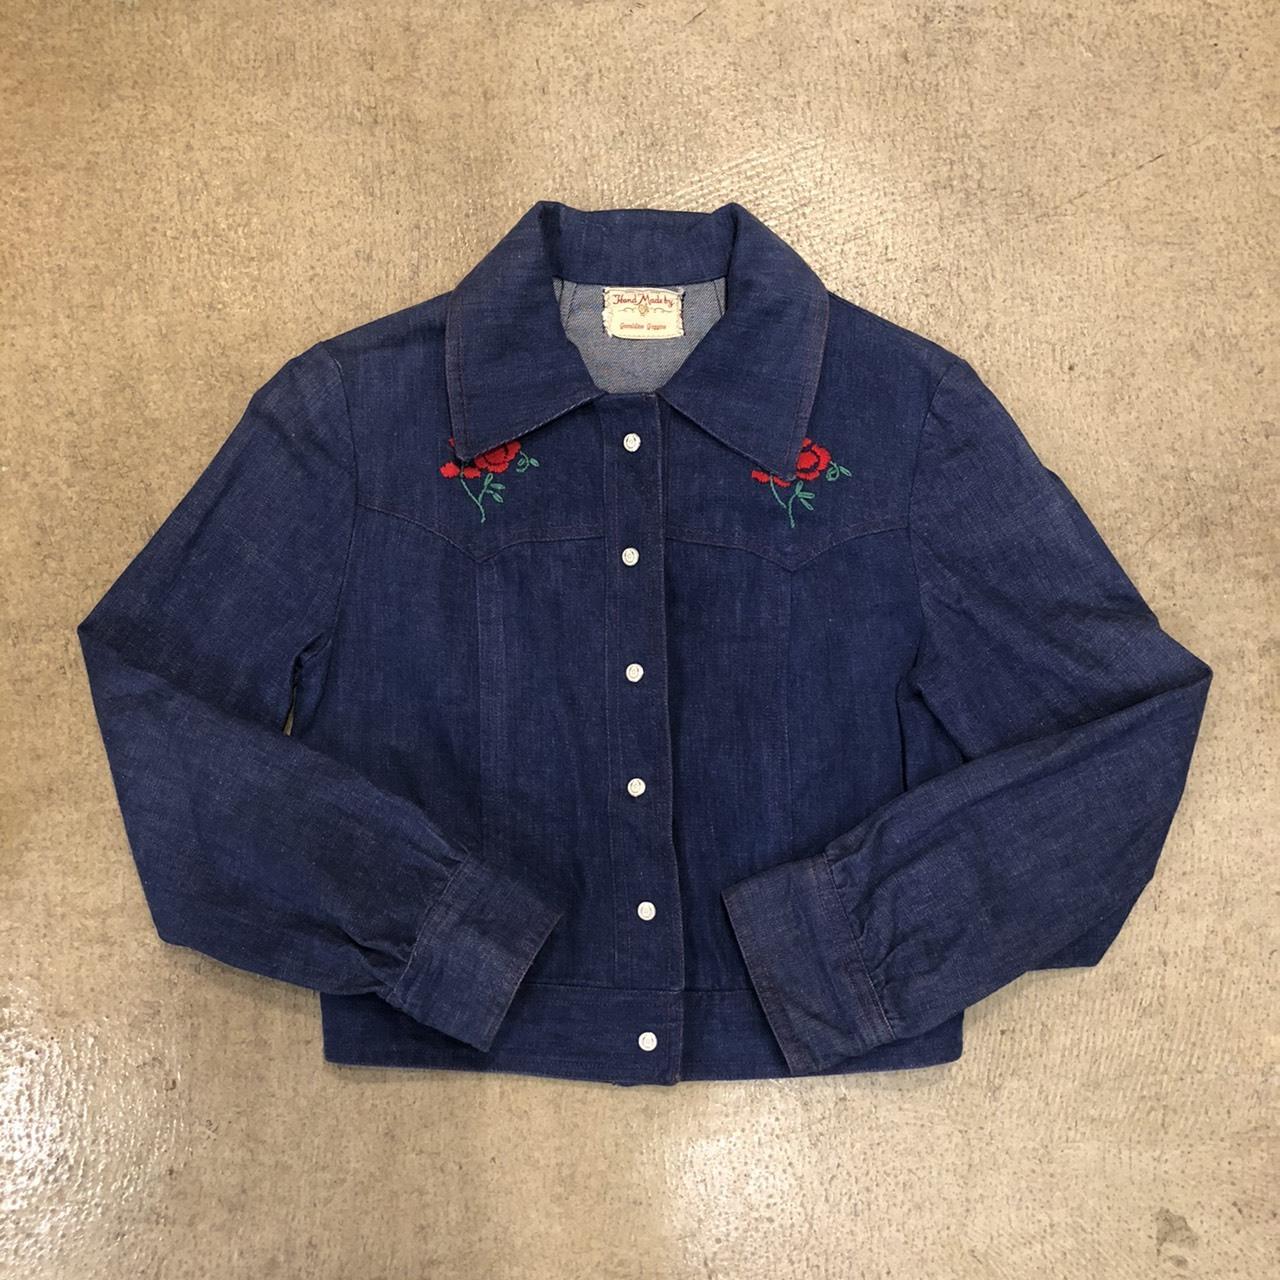 Vintage Embroidery Denim Jacket ¥7,800+tax